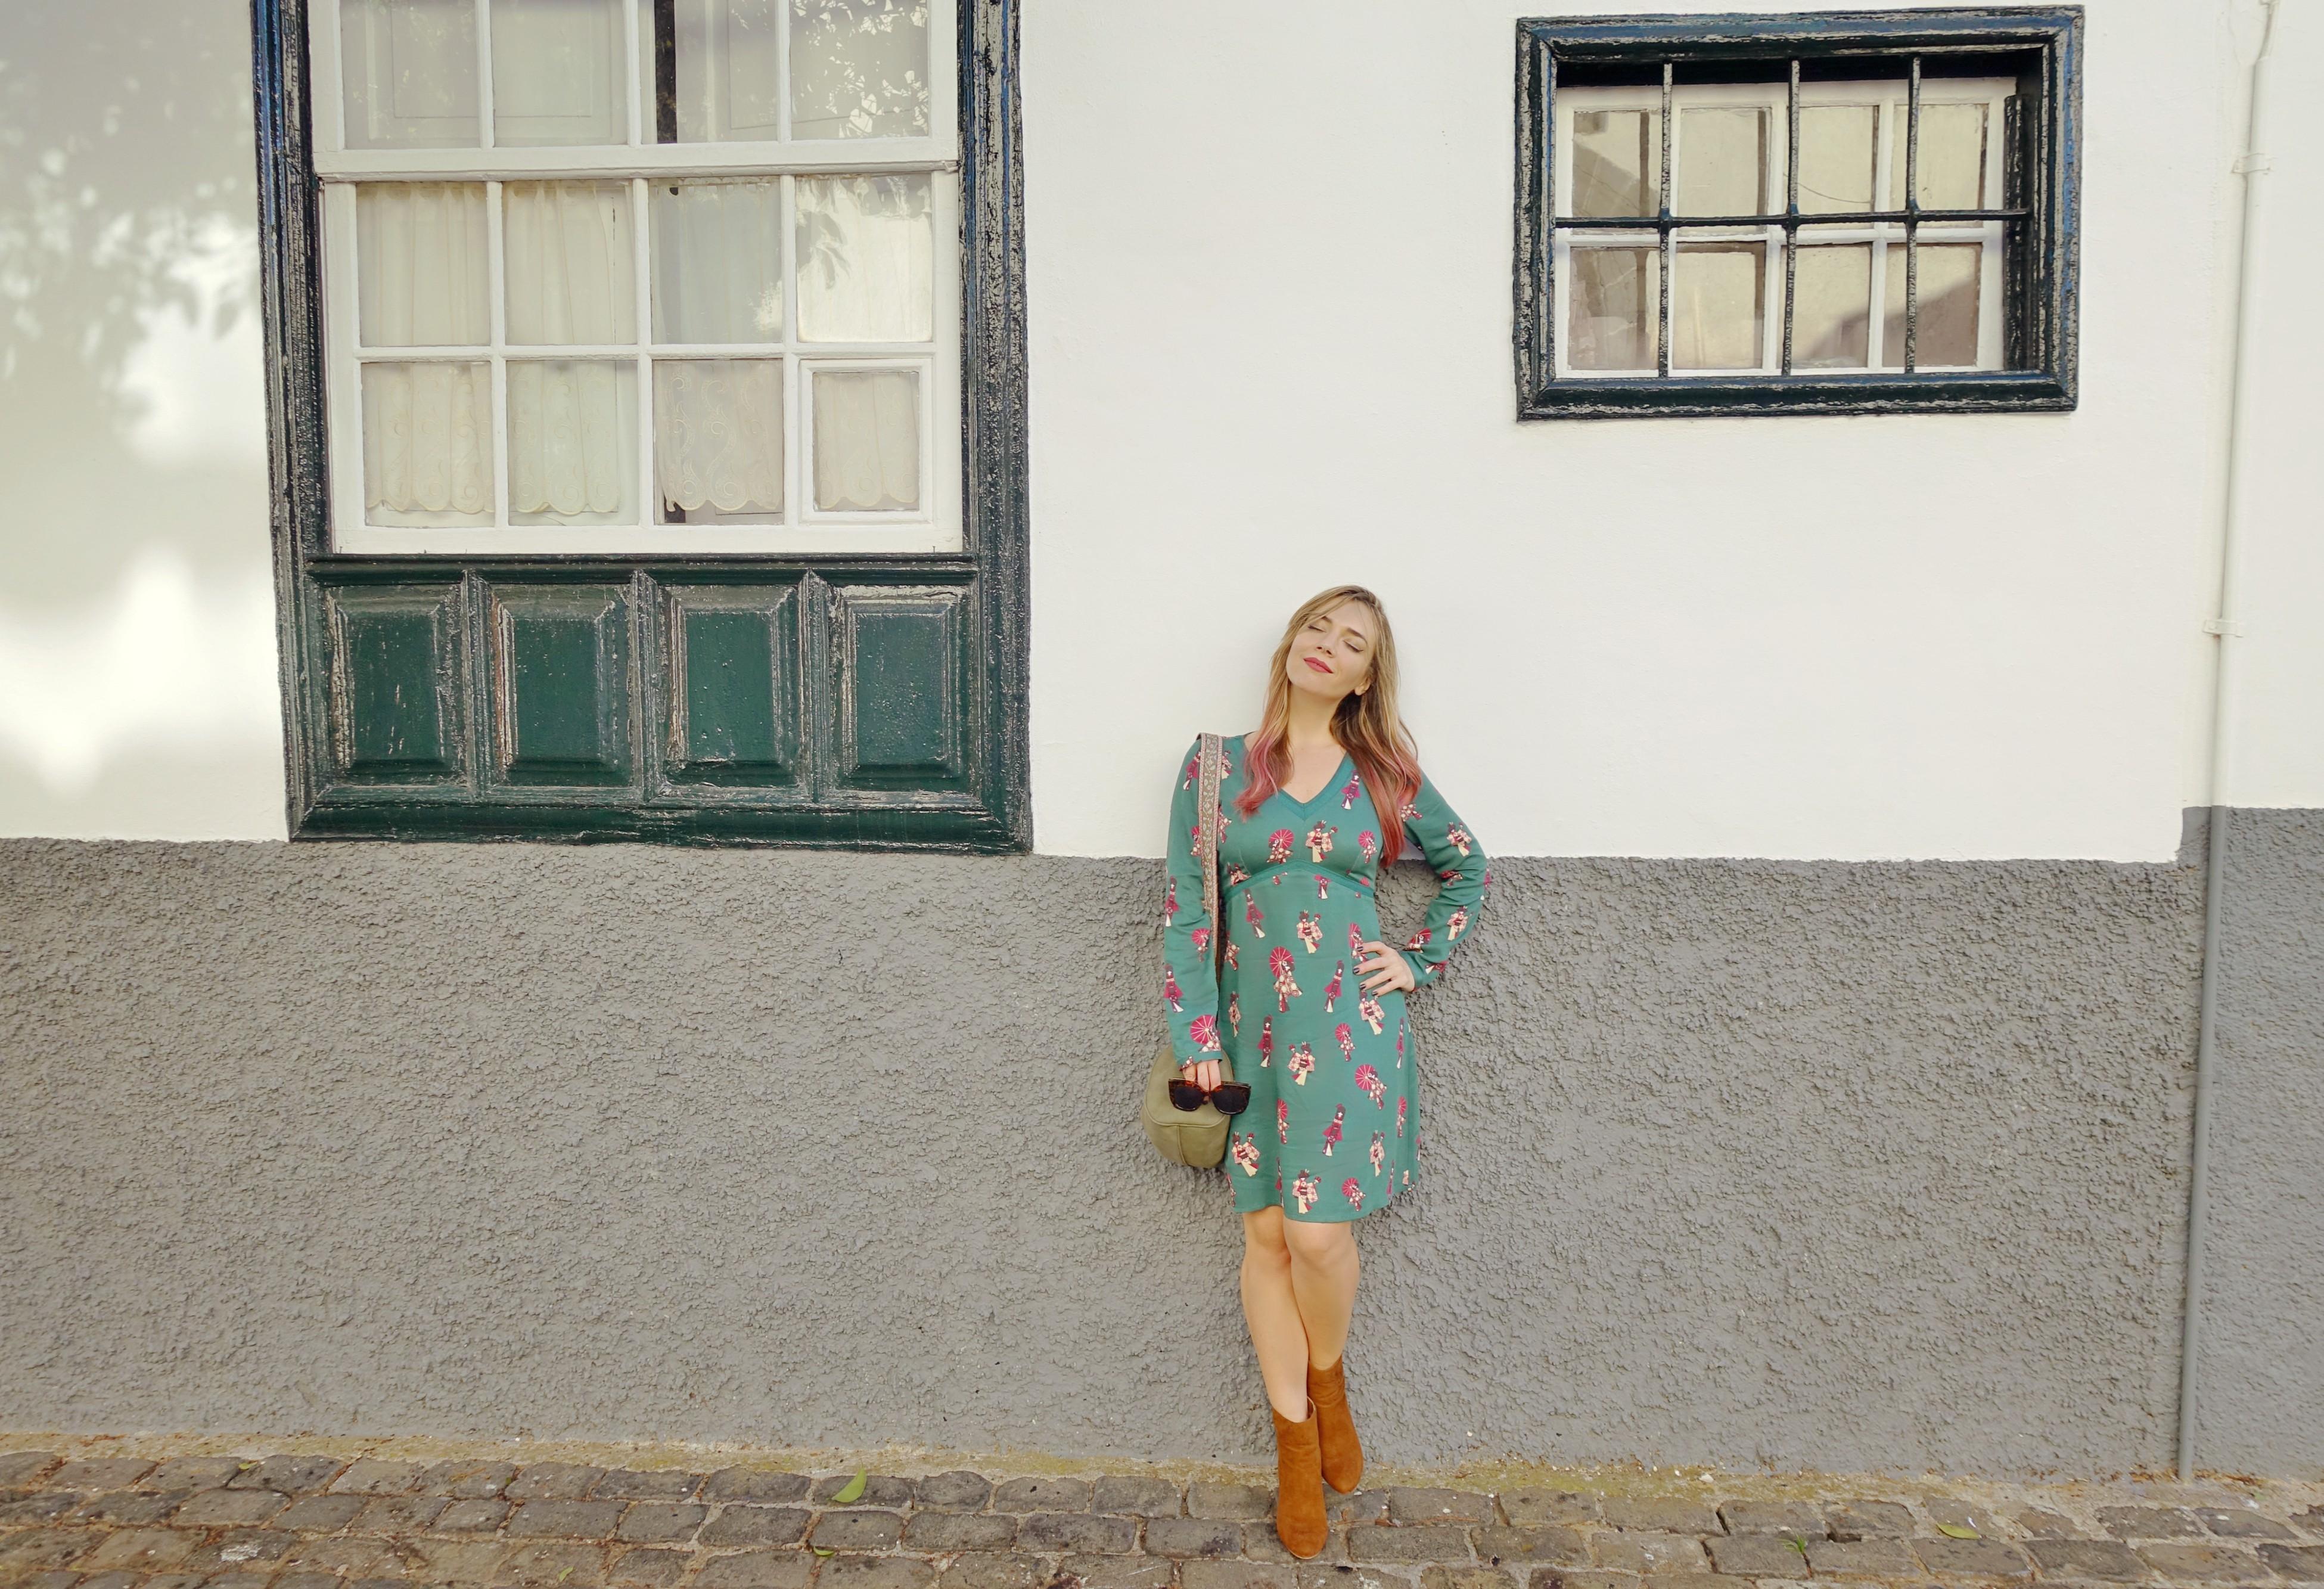 ChicAdicta-influencer-blog-de-moda-vestidos-surkana-bolso-verde-Chic-Adicta-fashionista-Tenerife-style-botines-invierno-PiensaenChic-Piensa-en-Chic